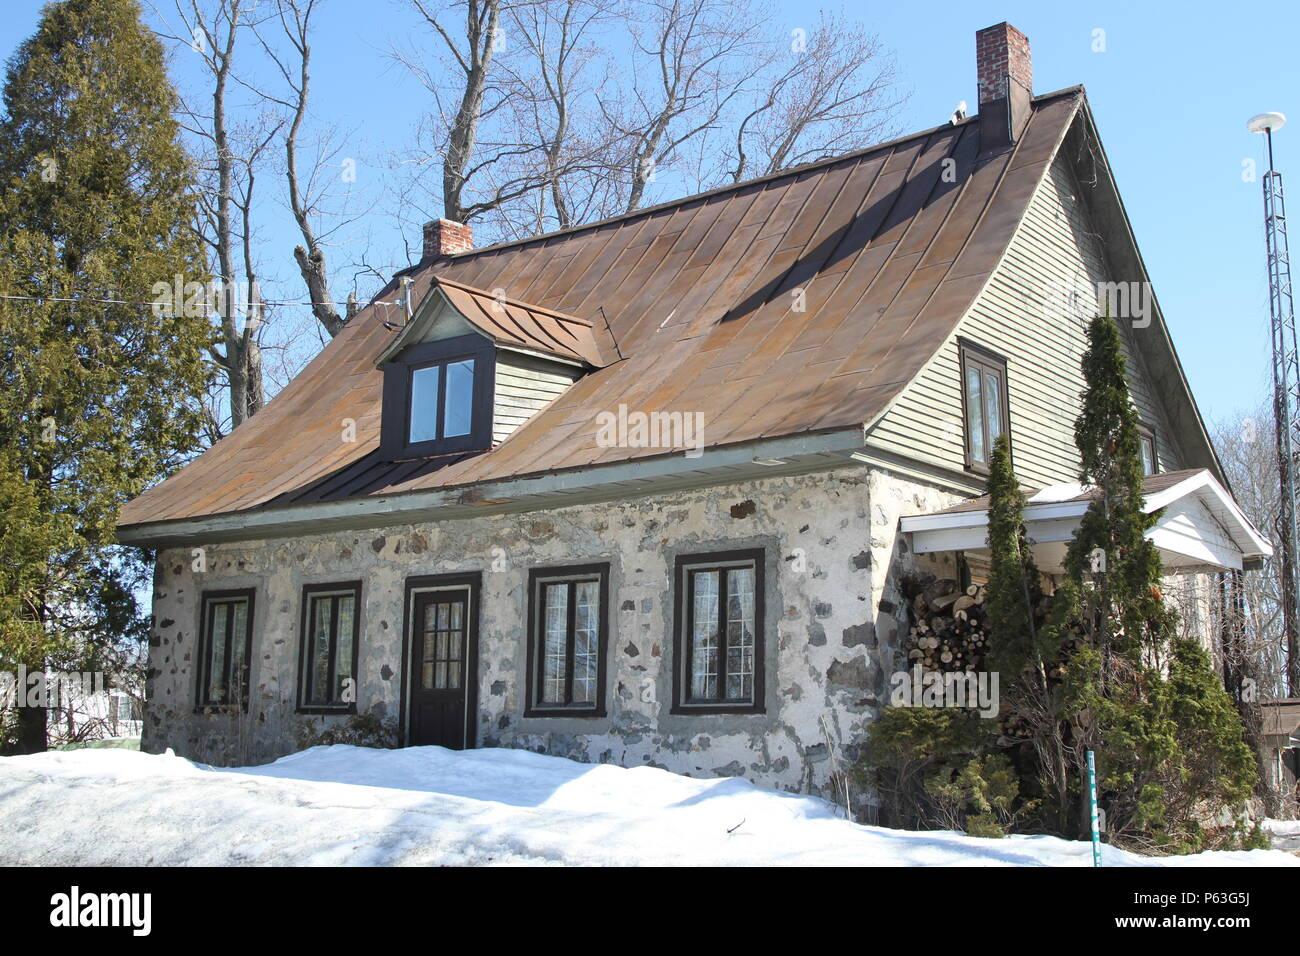 Pierre vintage victorian maison canadienne fran aise avec ses lucarnes au dessus de la porte et - Maisons canadiennes ...